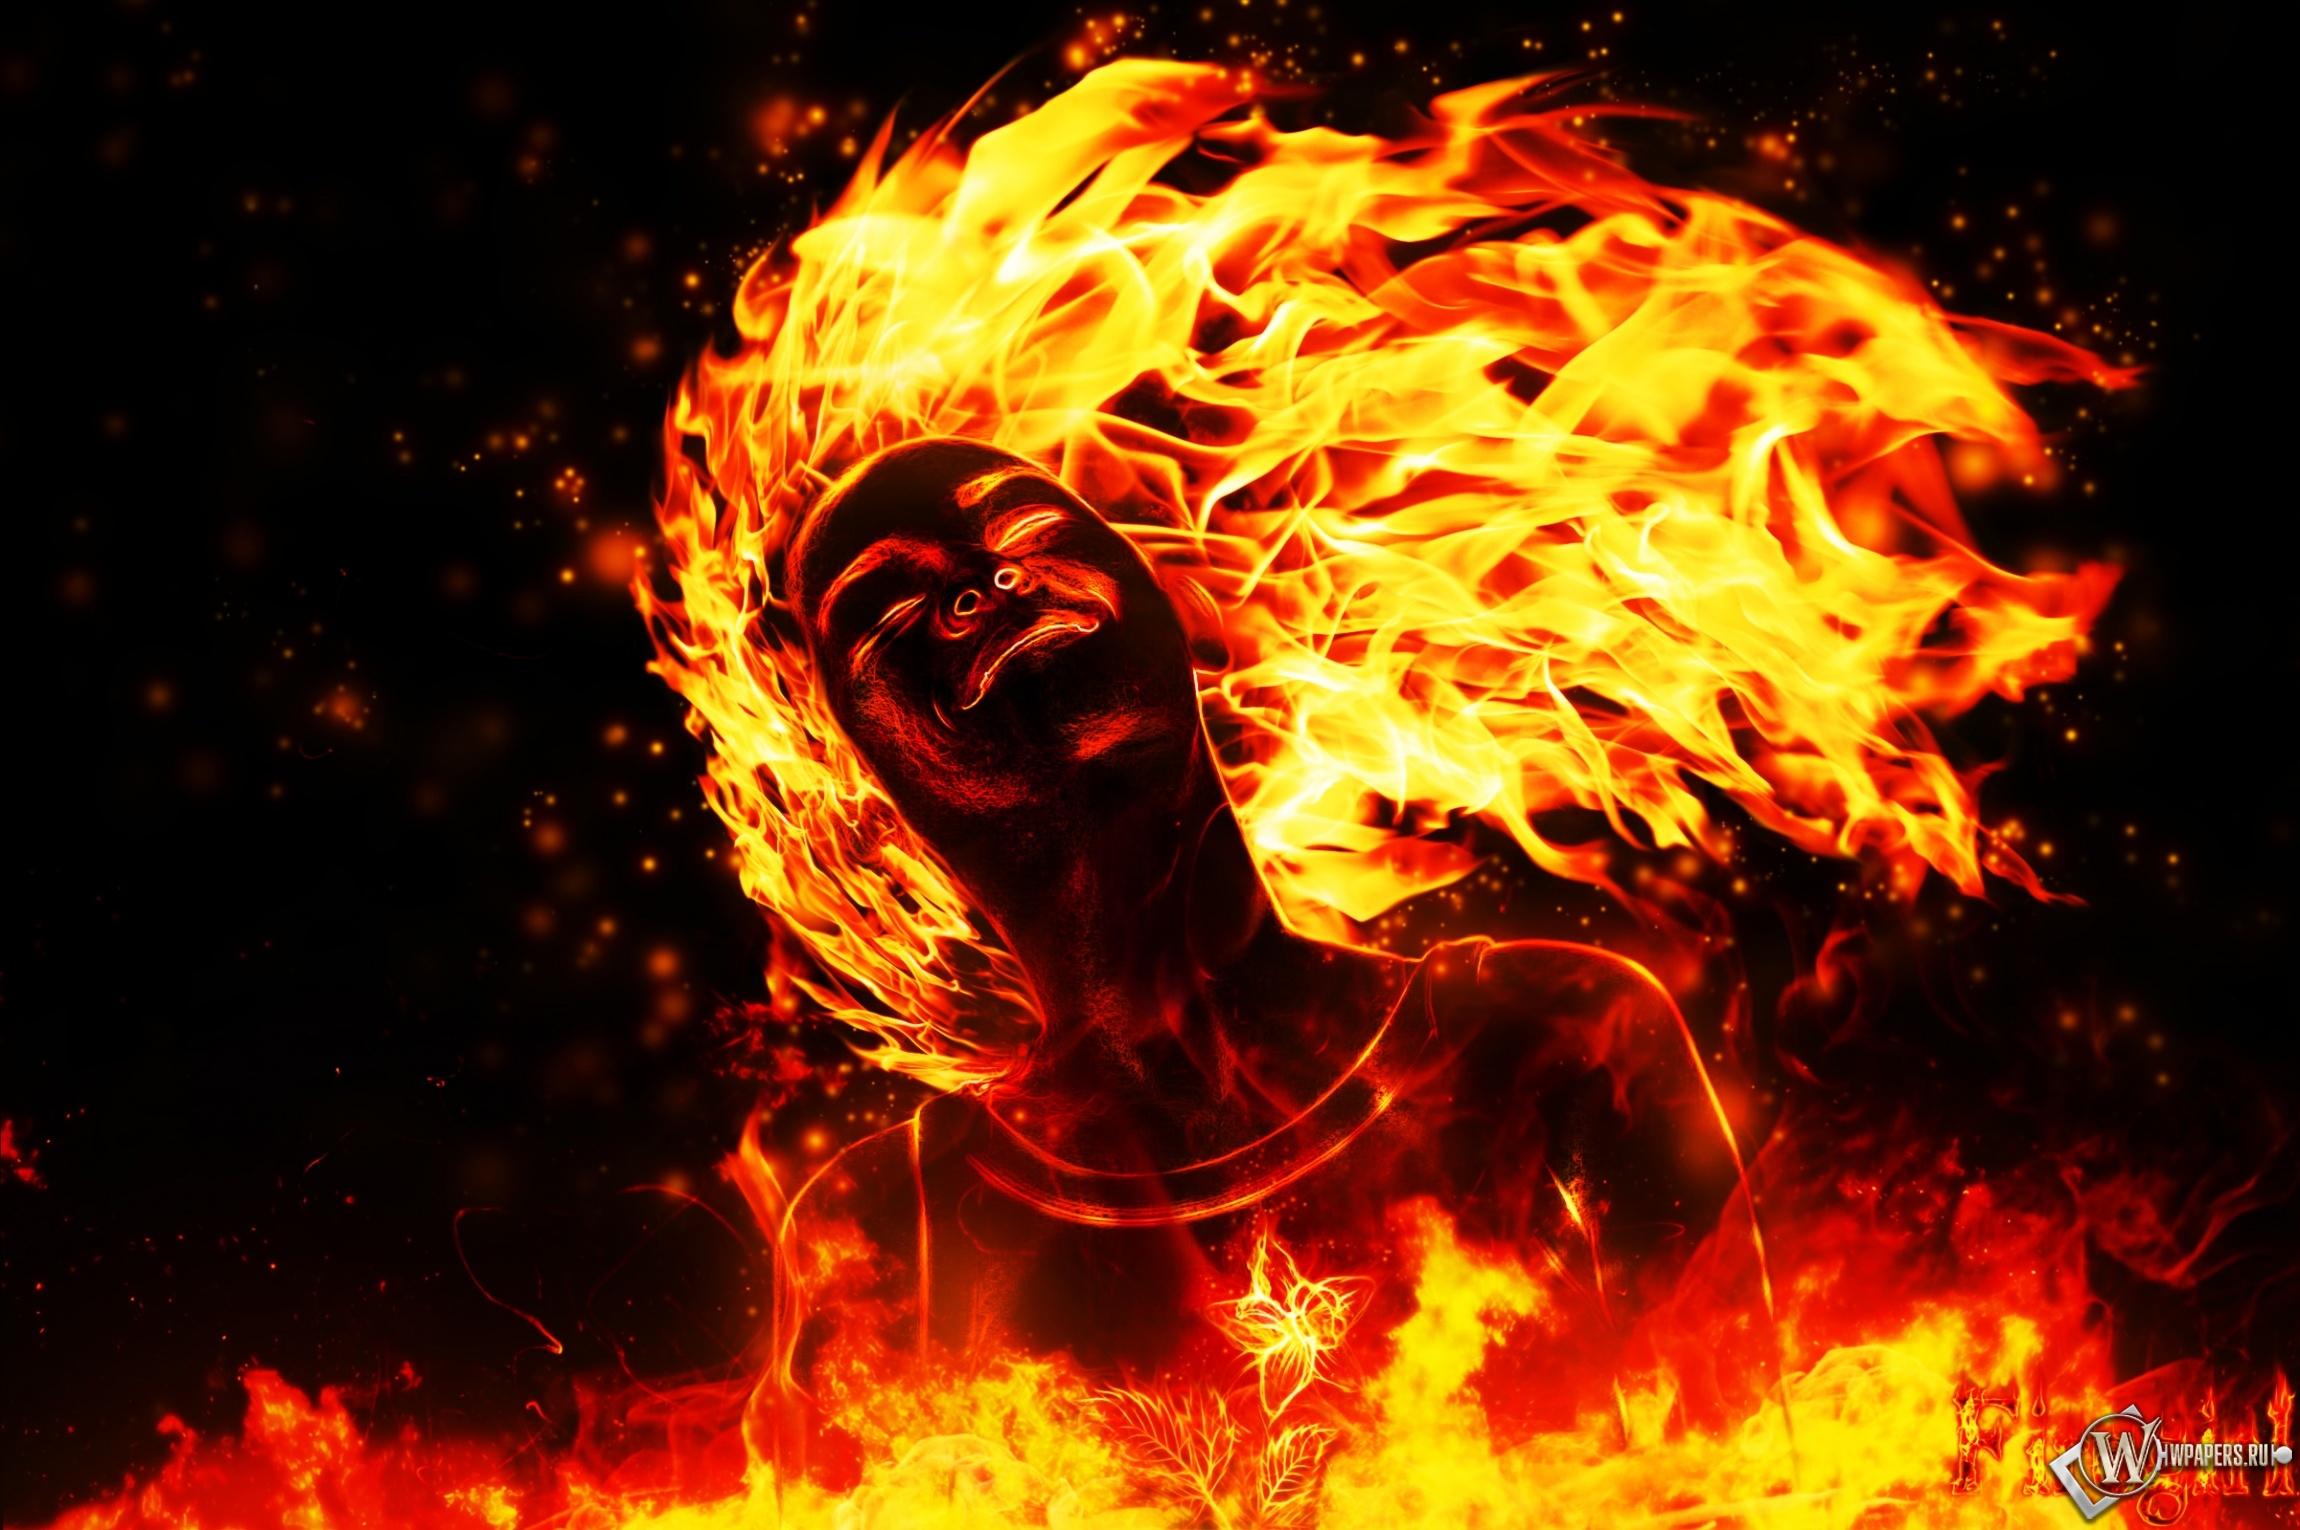 Firegirl 2300x1530